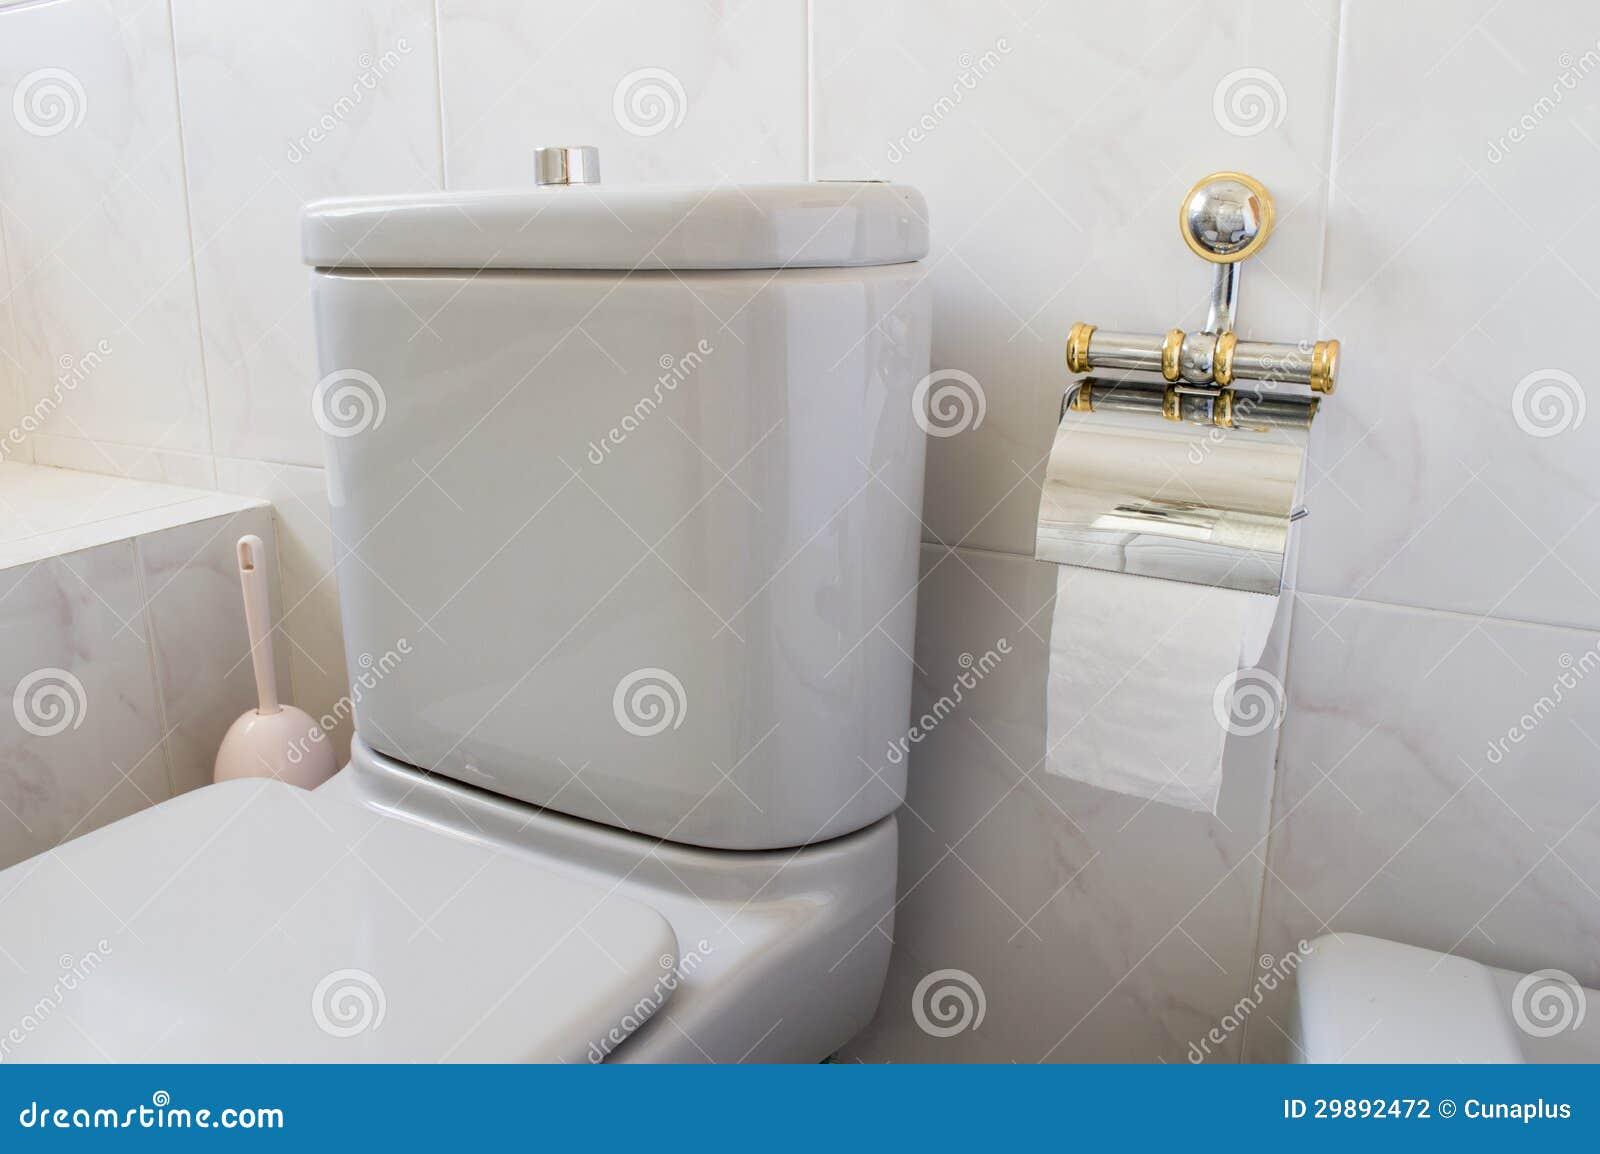 Grijs toilet en toiletpapier stock foto afbeelding 29892472 - Deco toilet grijs en wit ...